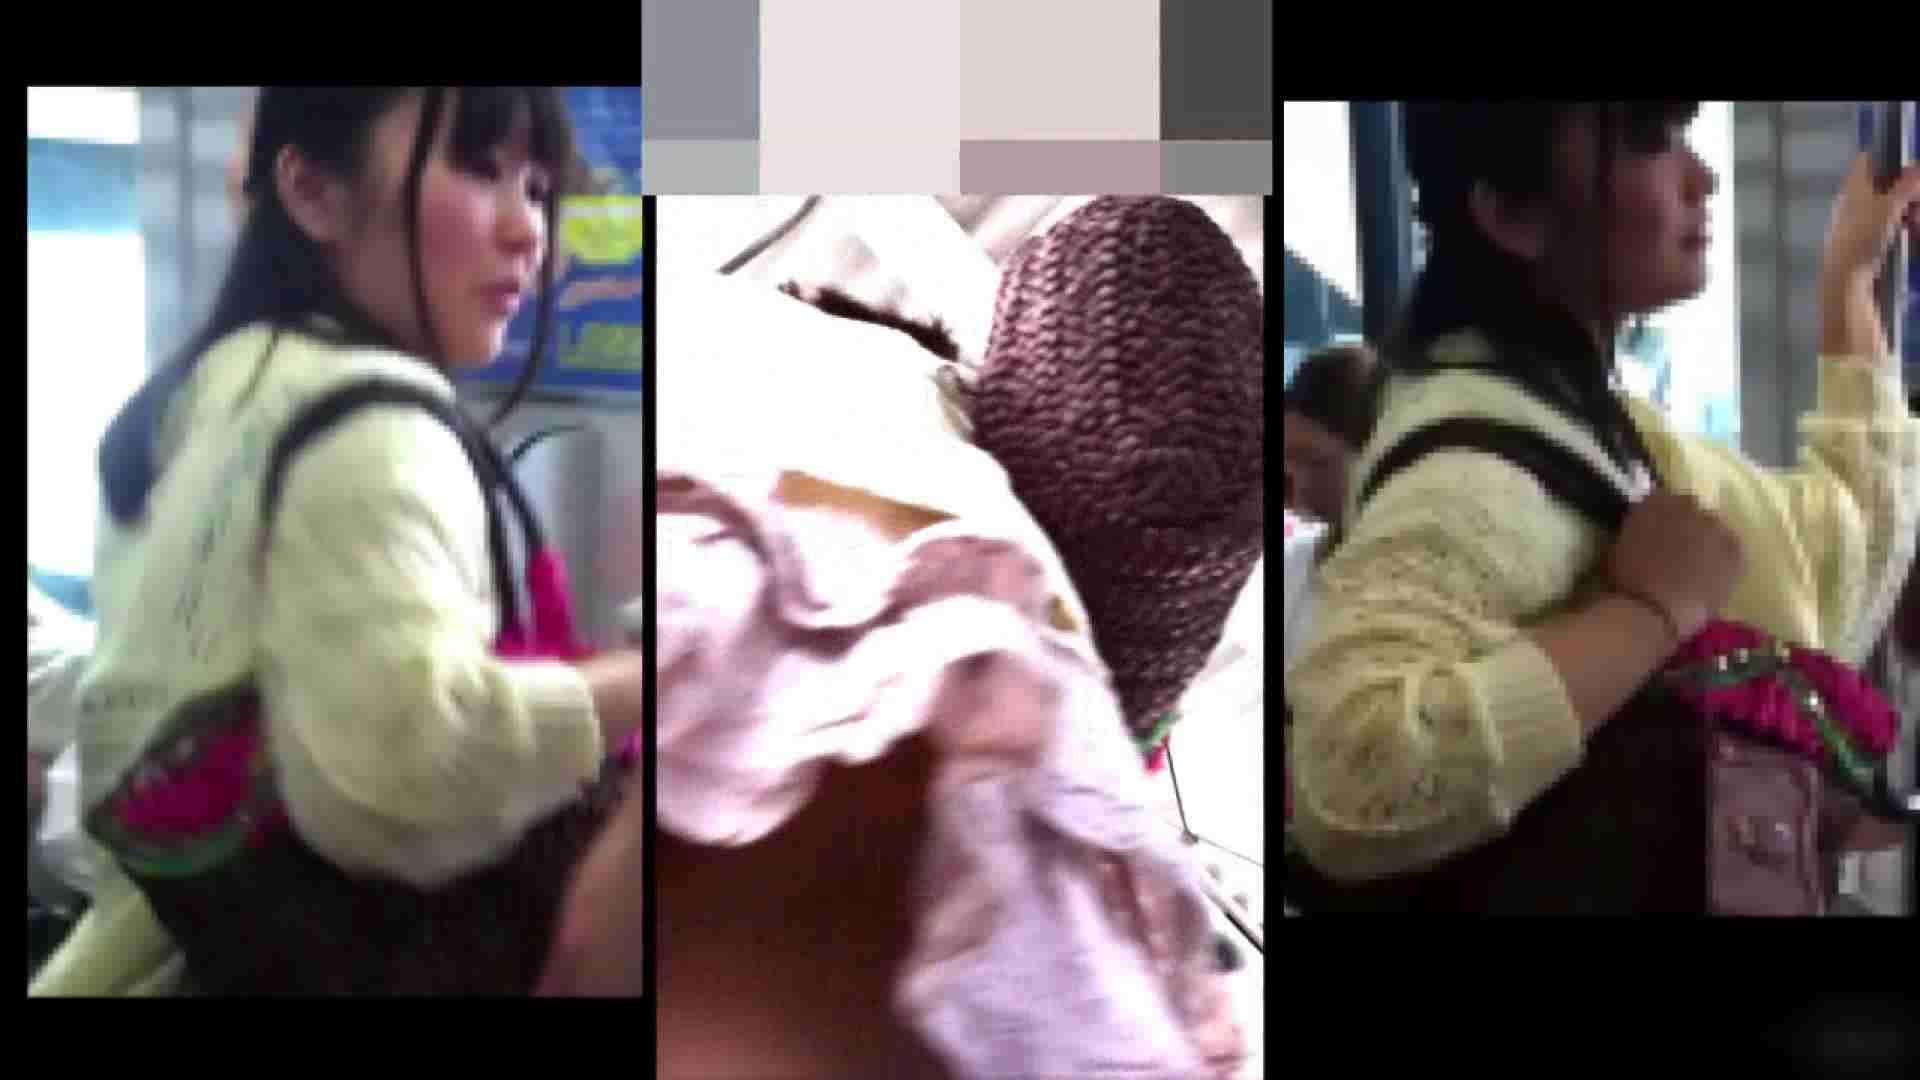 ガールズパンチラストリートビューVol.041 ギャルのエロ動画 セックス無修正動画無料 84画像 46